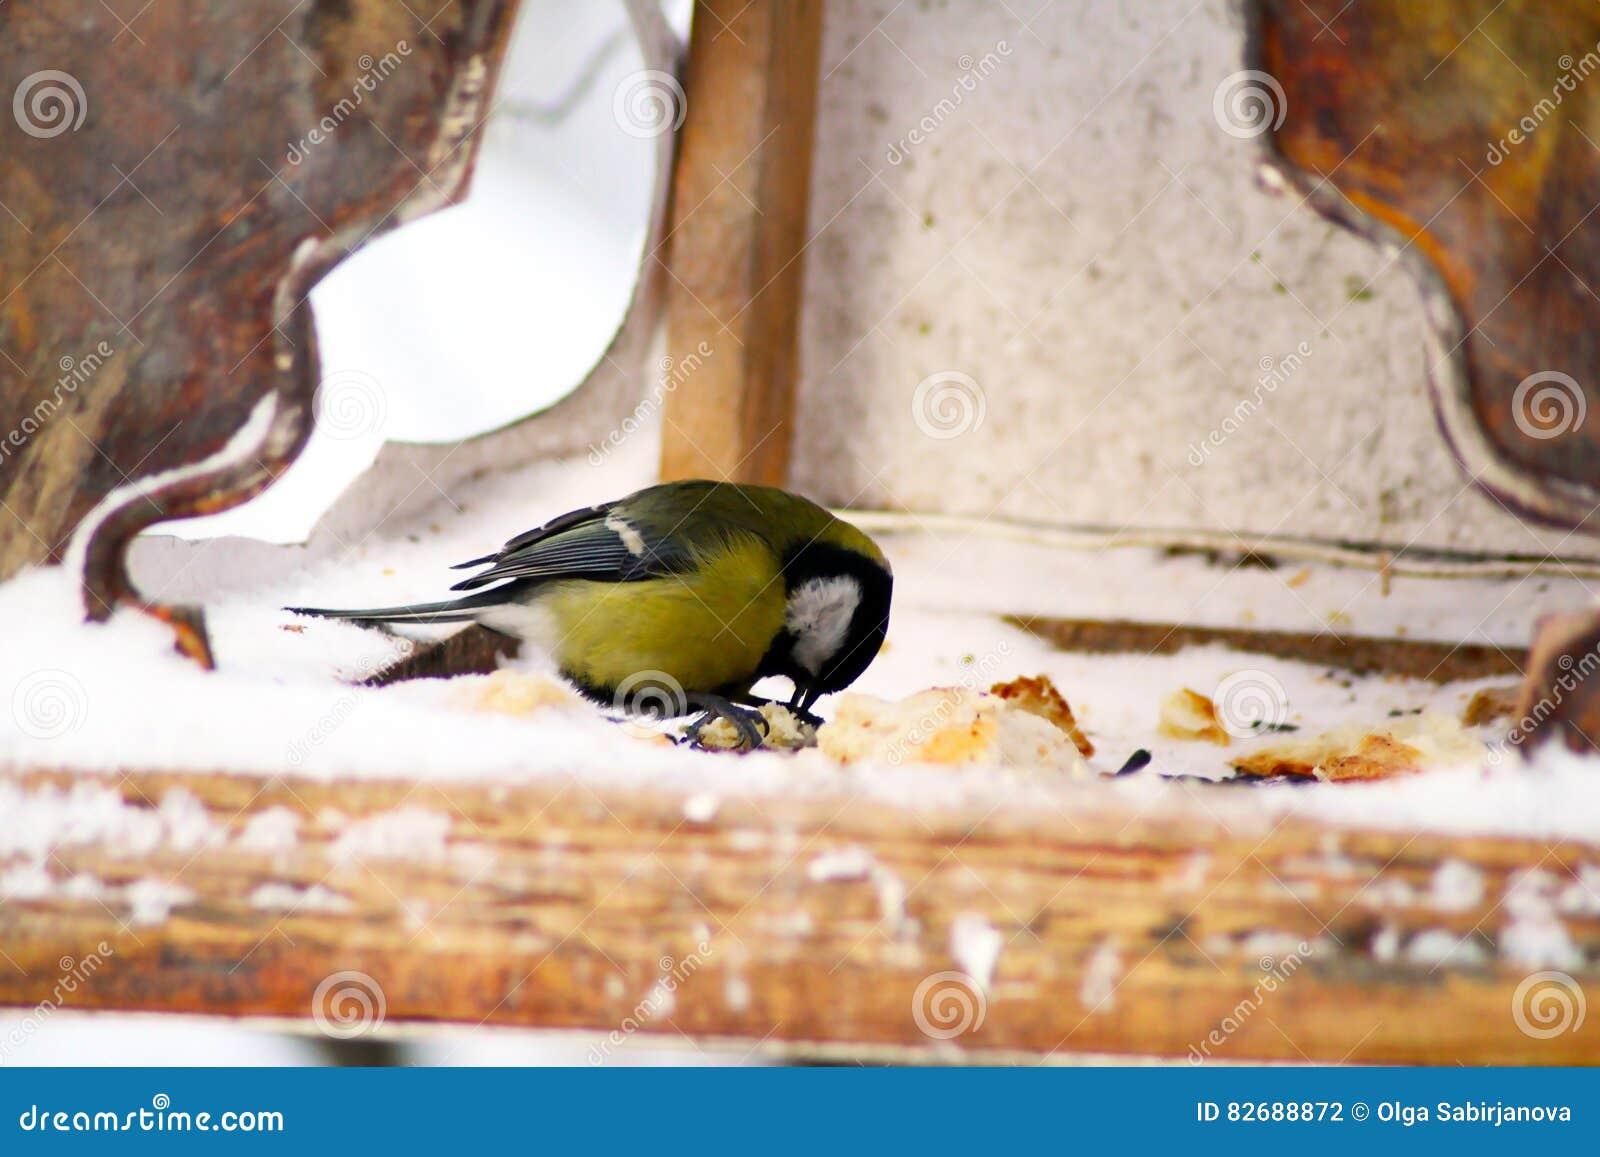 L uccello sull alimentatore